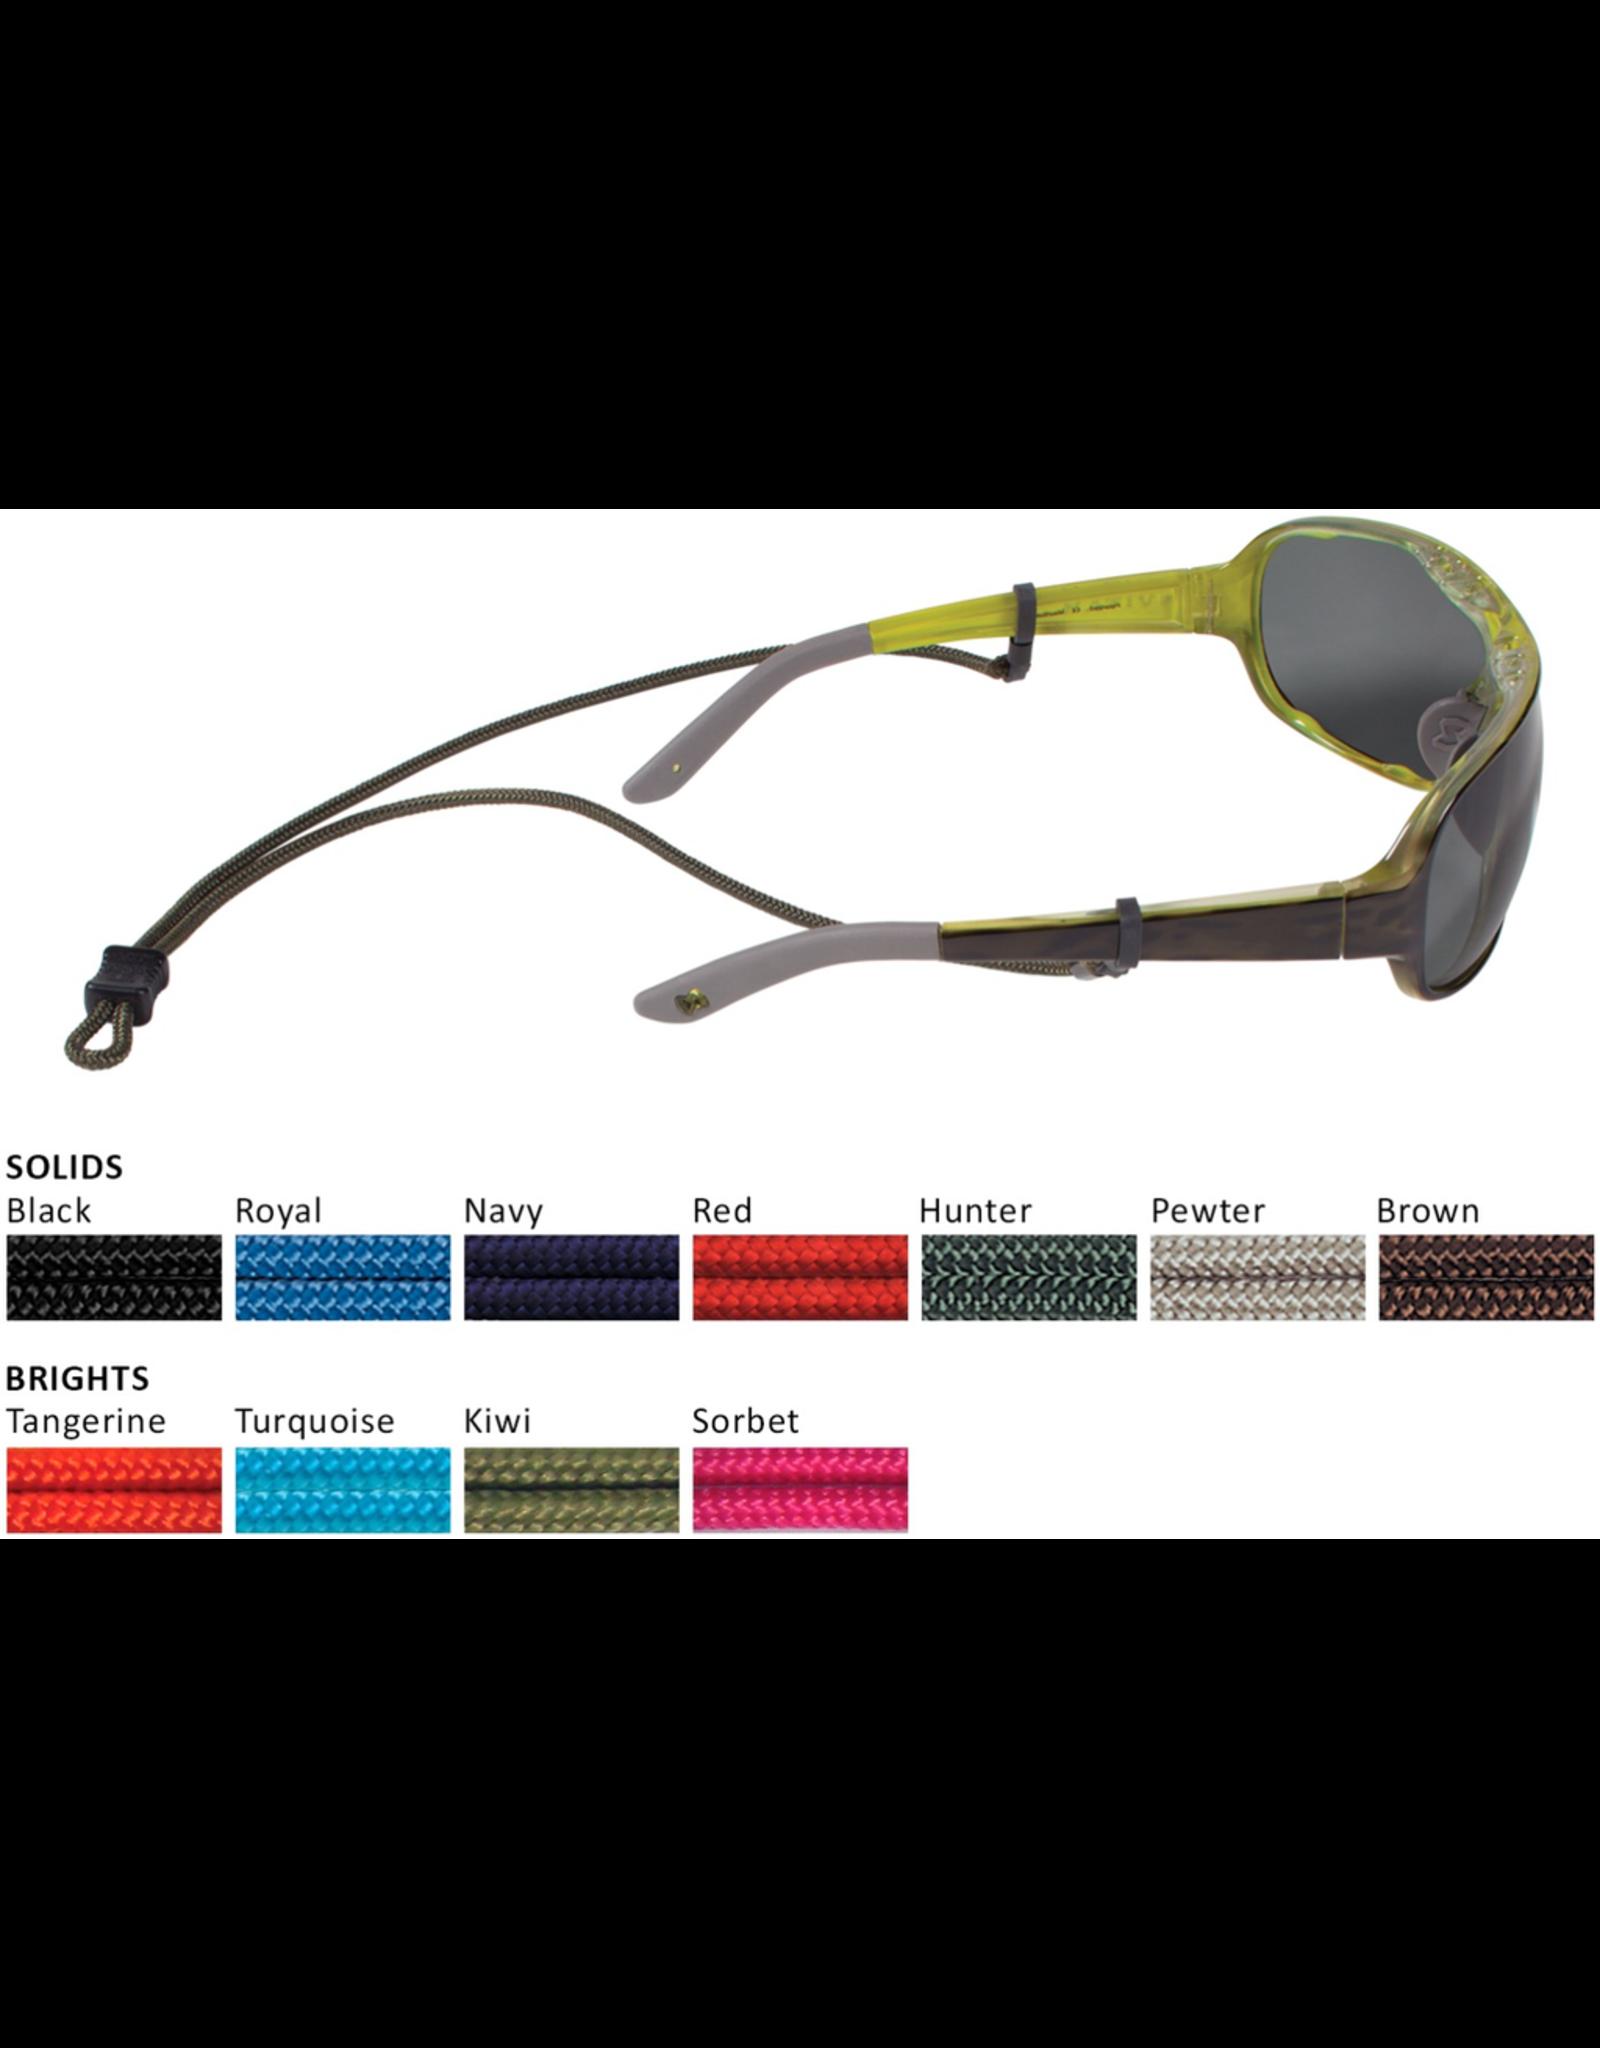 CROAKIES Croakies Terra Spec Cords Adjustable Eyewear Retainers